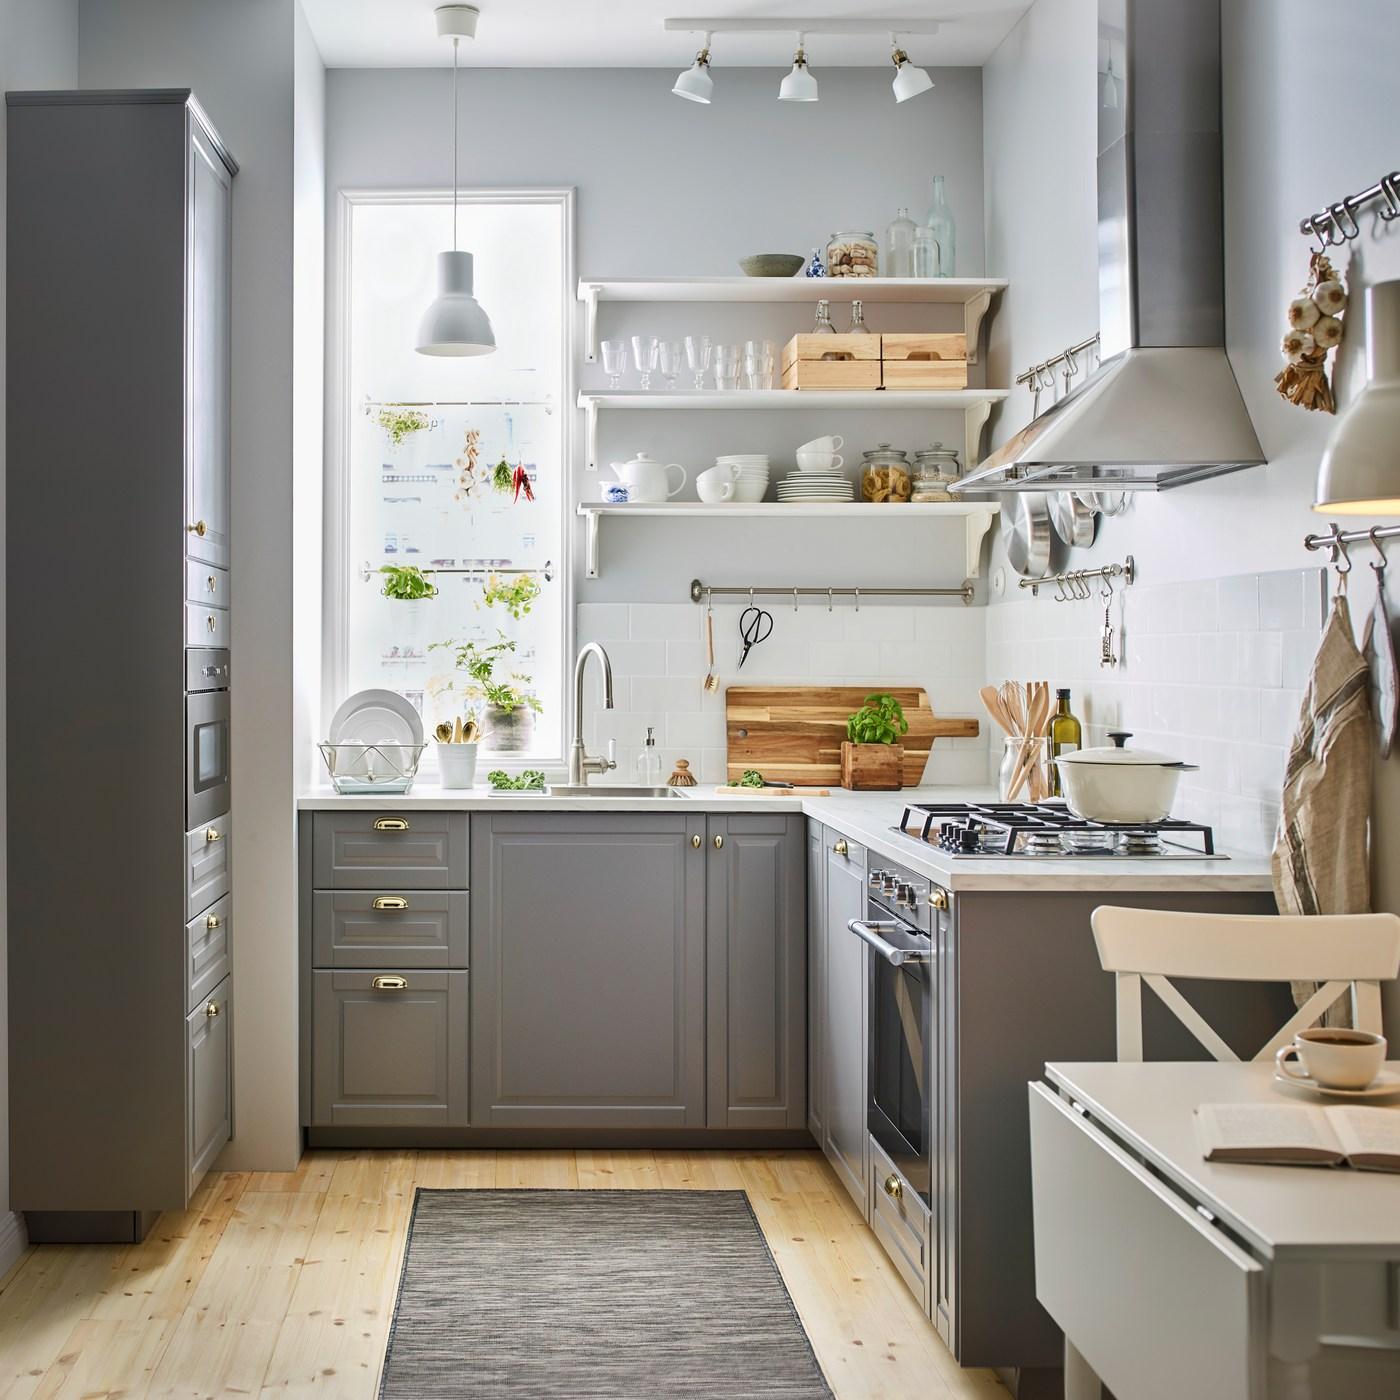 Piccola cucina grigia e bianca dallo stile tradizionale, con frontali per cassetto BODBYN grigi e maniglie e pomelli ENERYDA color ottone – IKEA